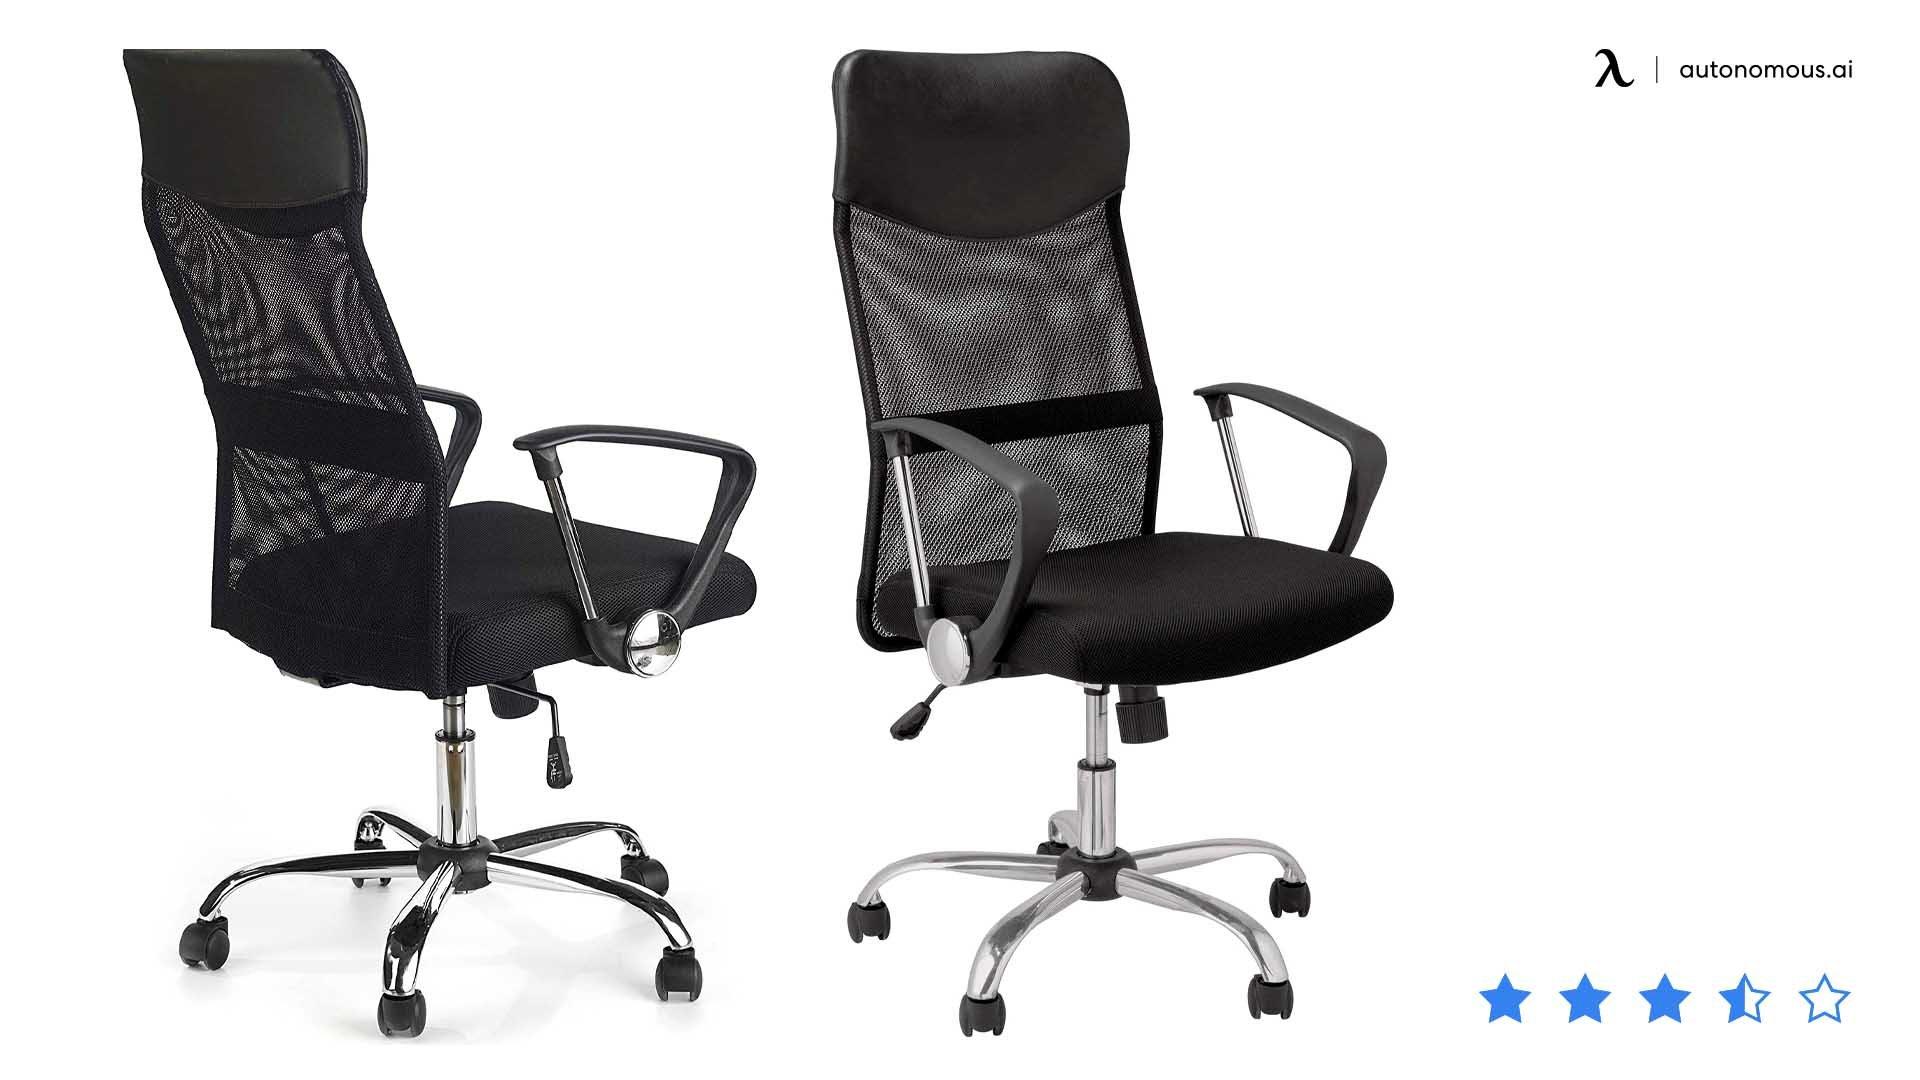 CHAIRMART Chair